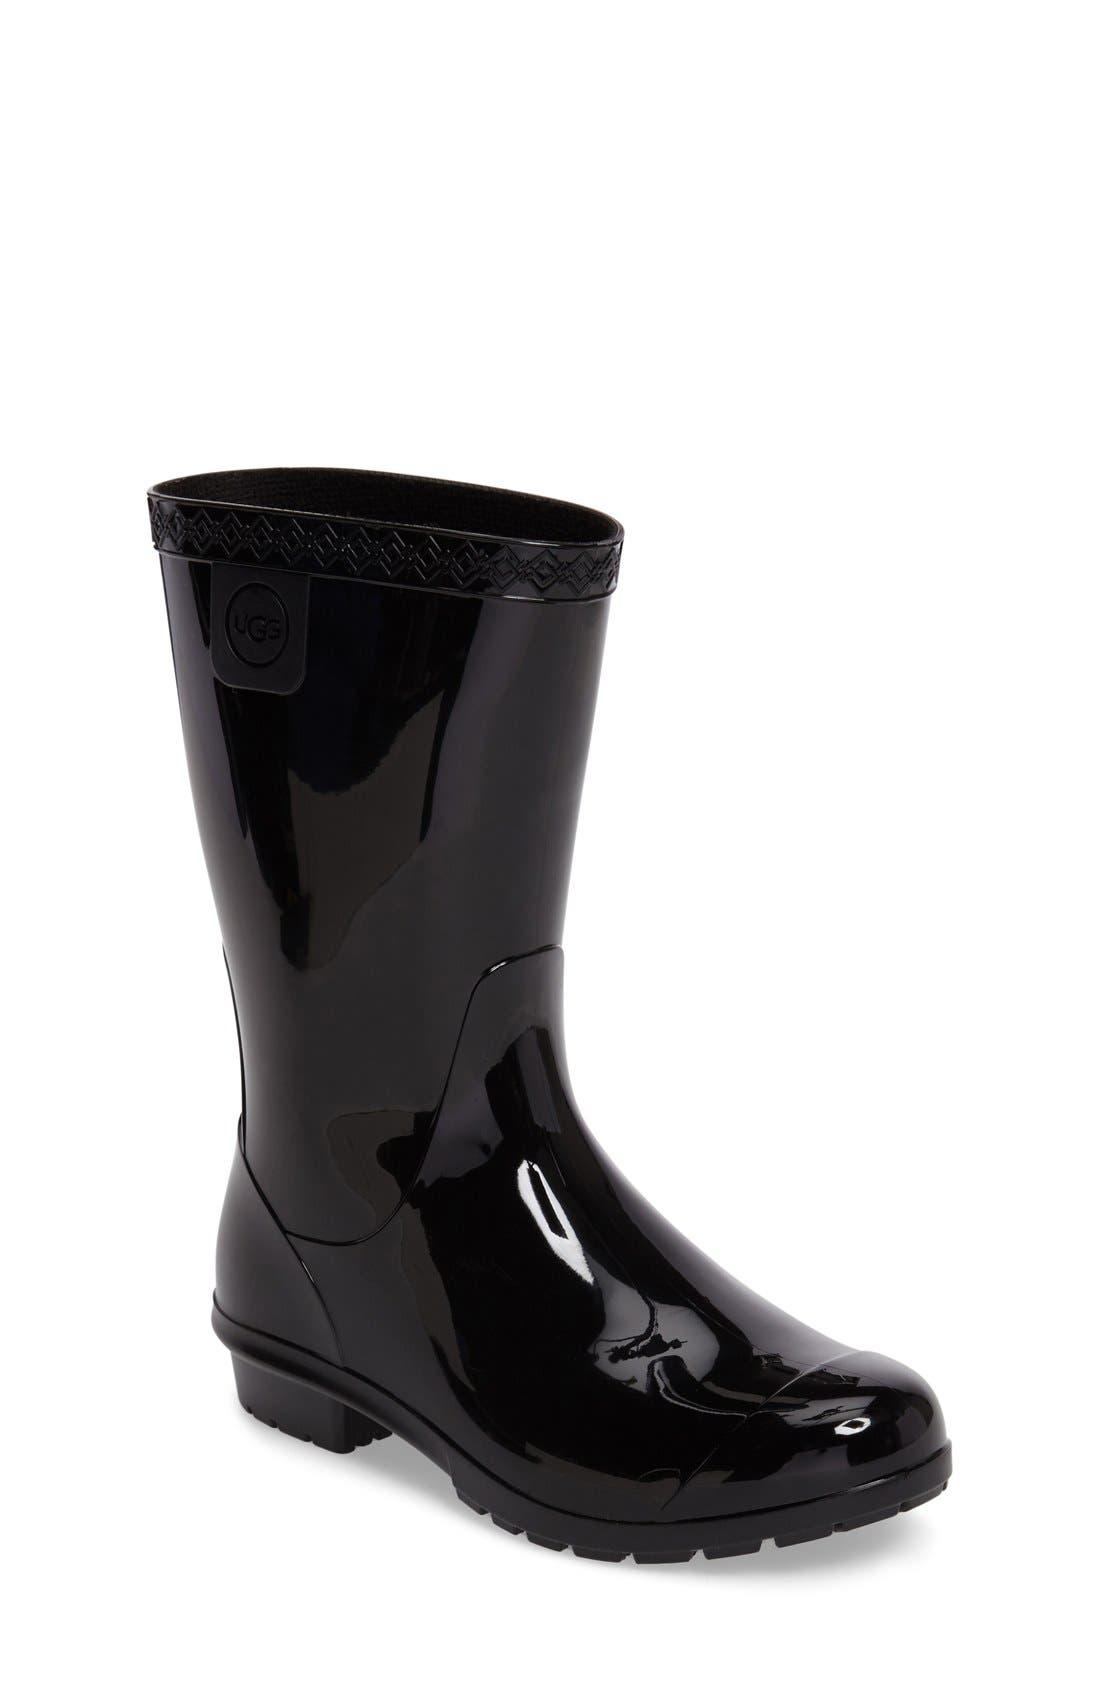 Raana Waterproof Rain Boot,                             Main thumbnail 1, color,                             BLACK